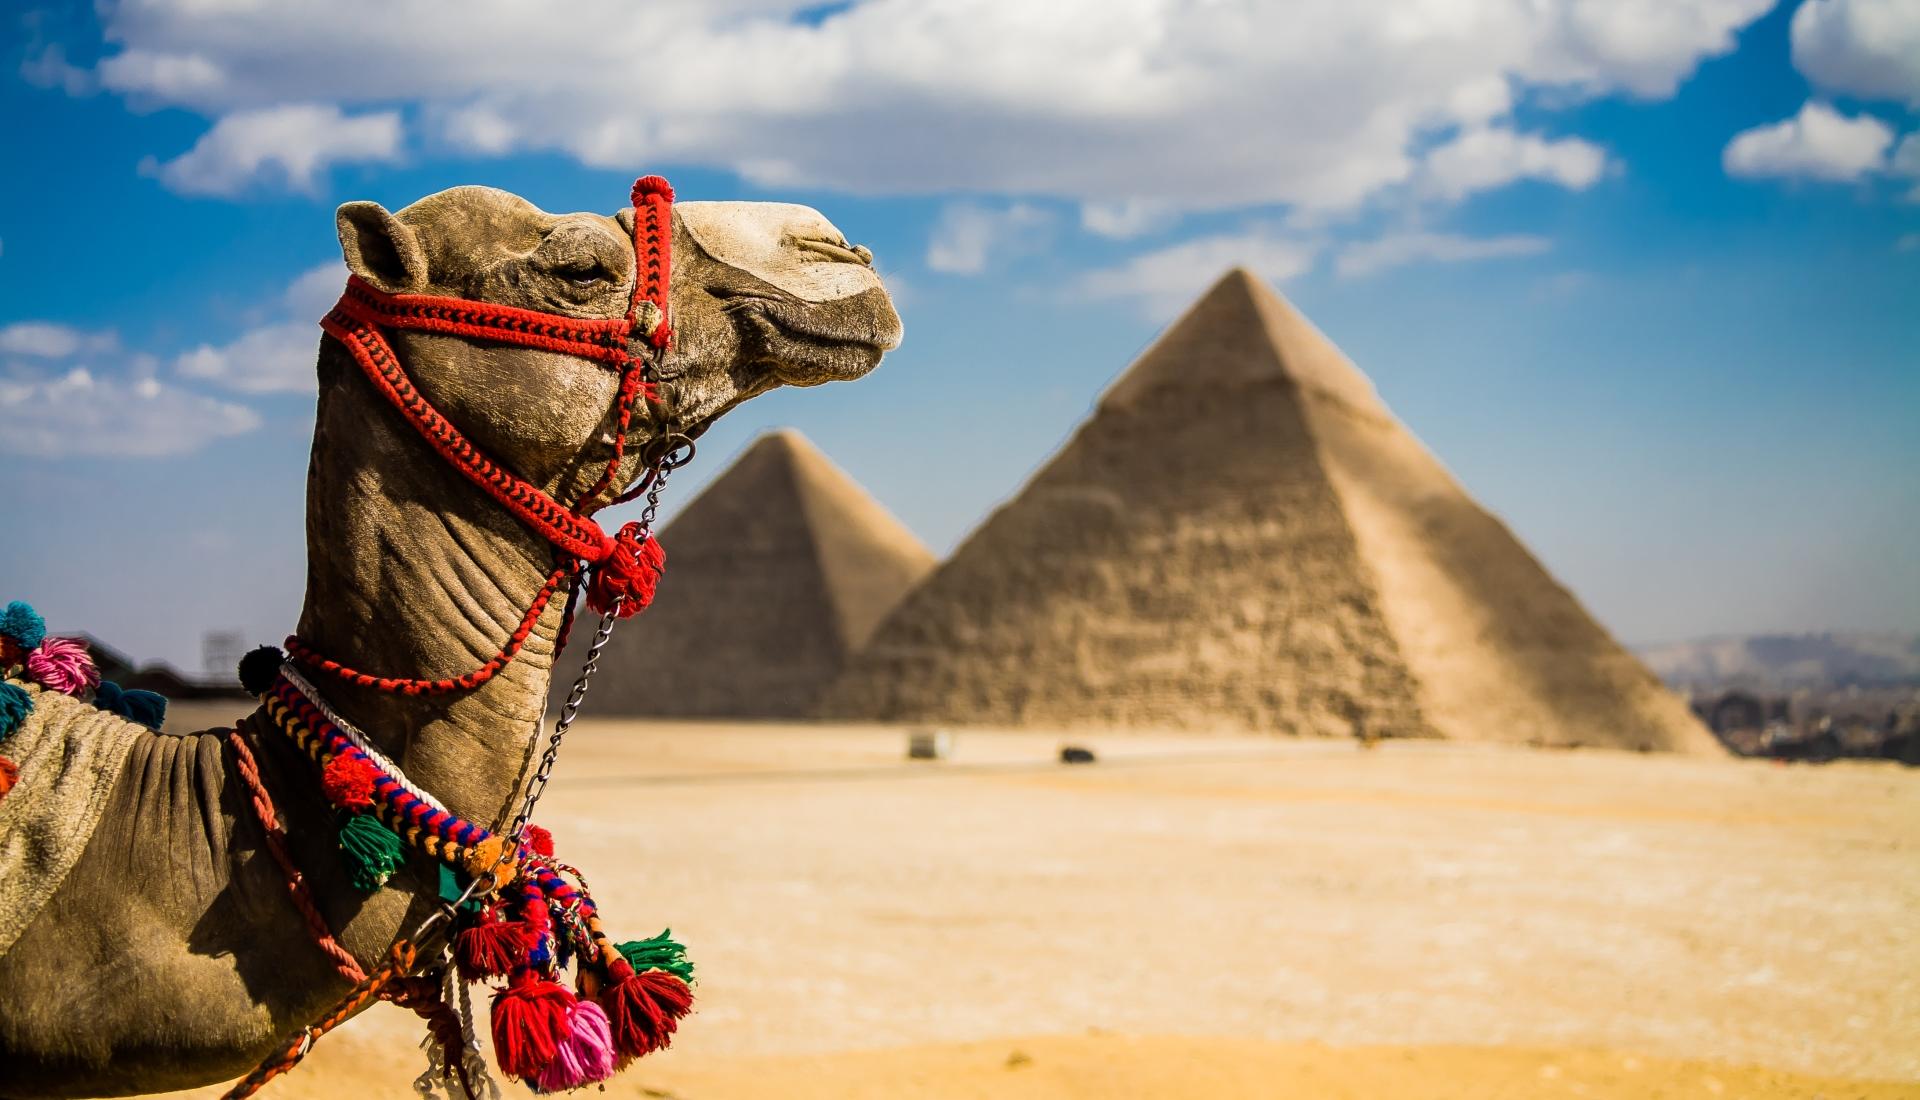 Egipto Mágico - até Jun 2021